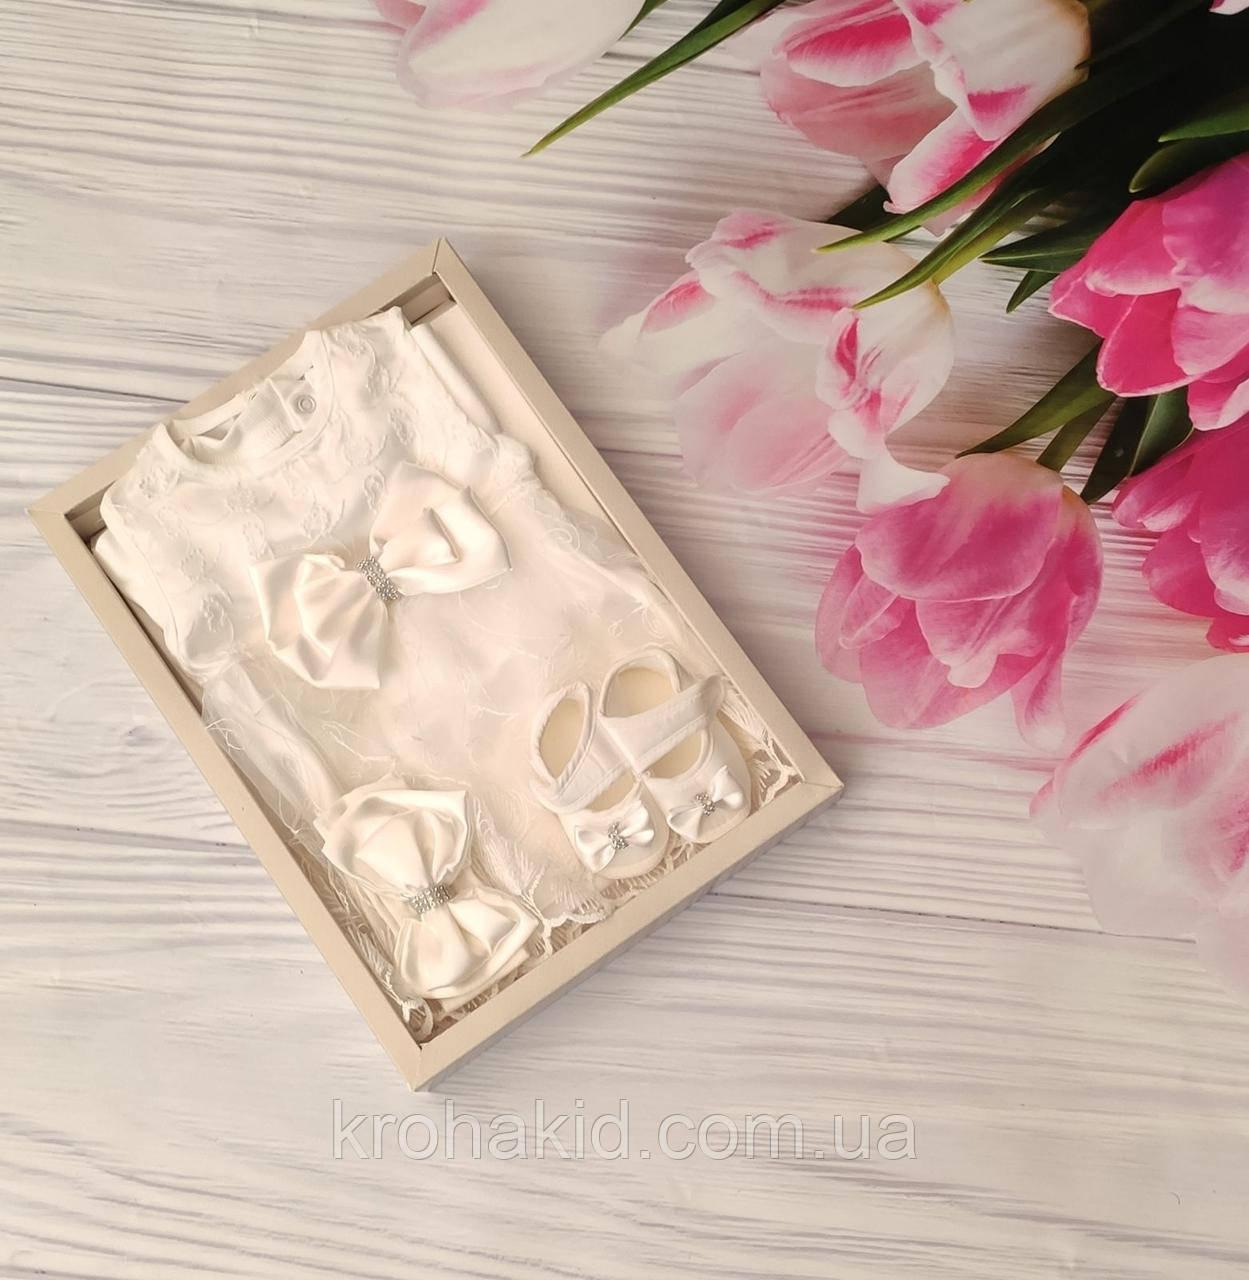 Набор одежды для новорожденного на выписку из роддома для девочки в подарочной упаковке